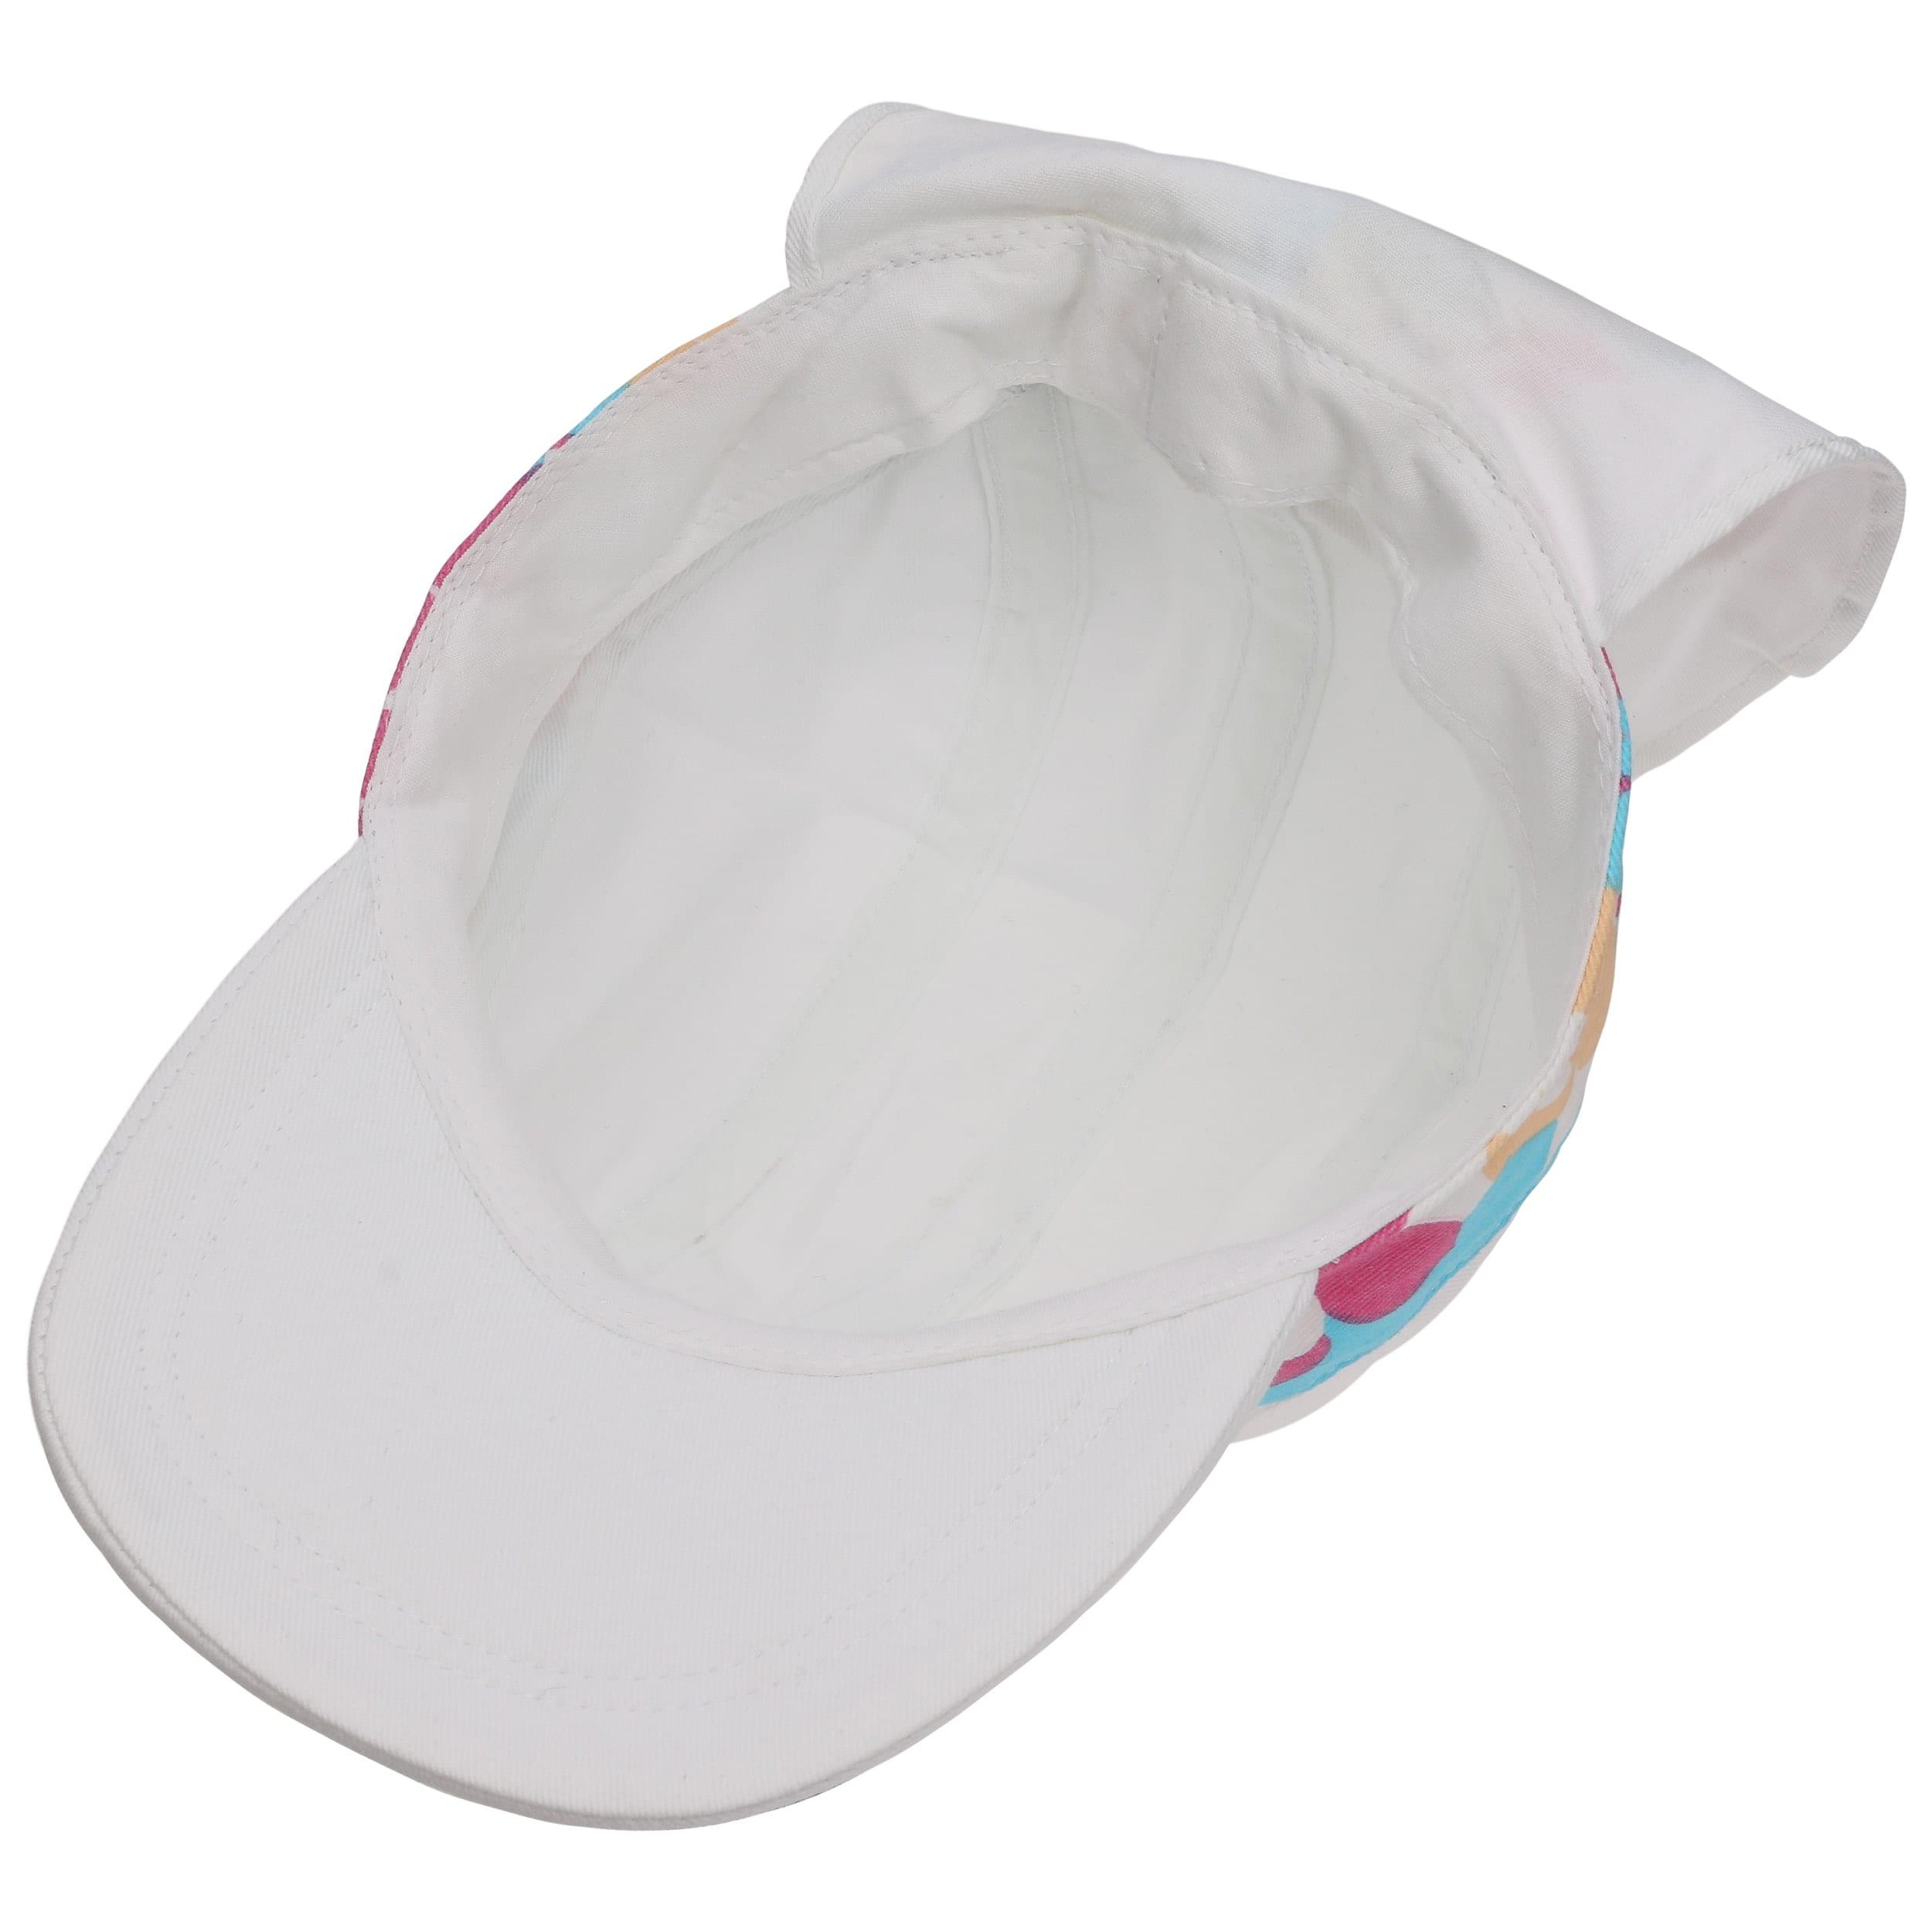 ... Cappellino da Bambino con Protezione Nuca - arancia 2 ... 6a029663ac90